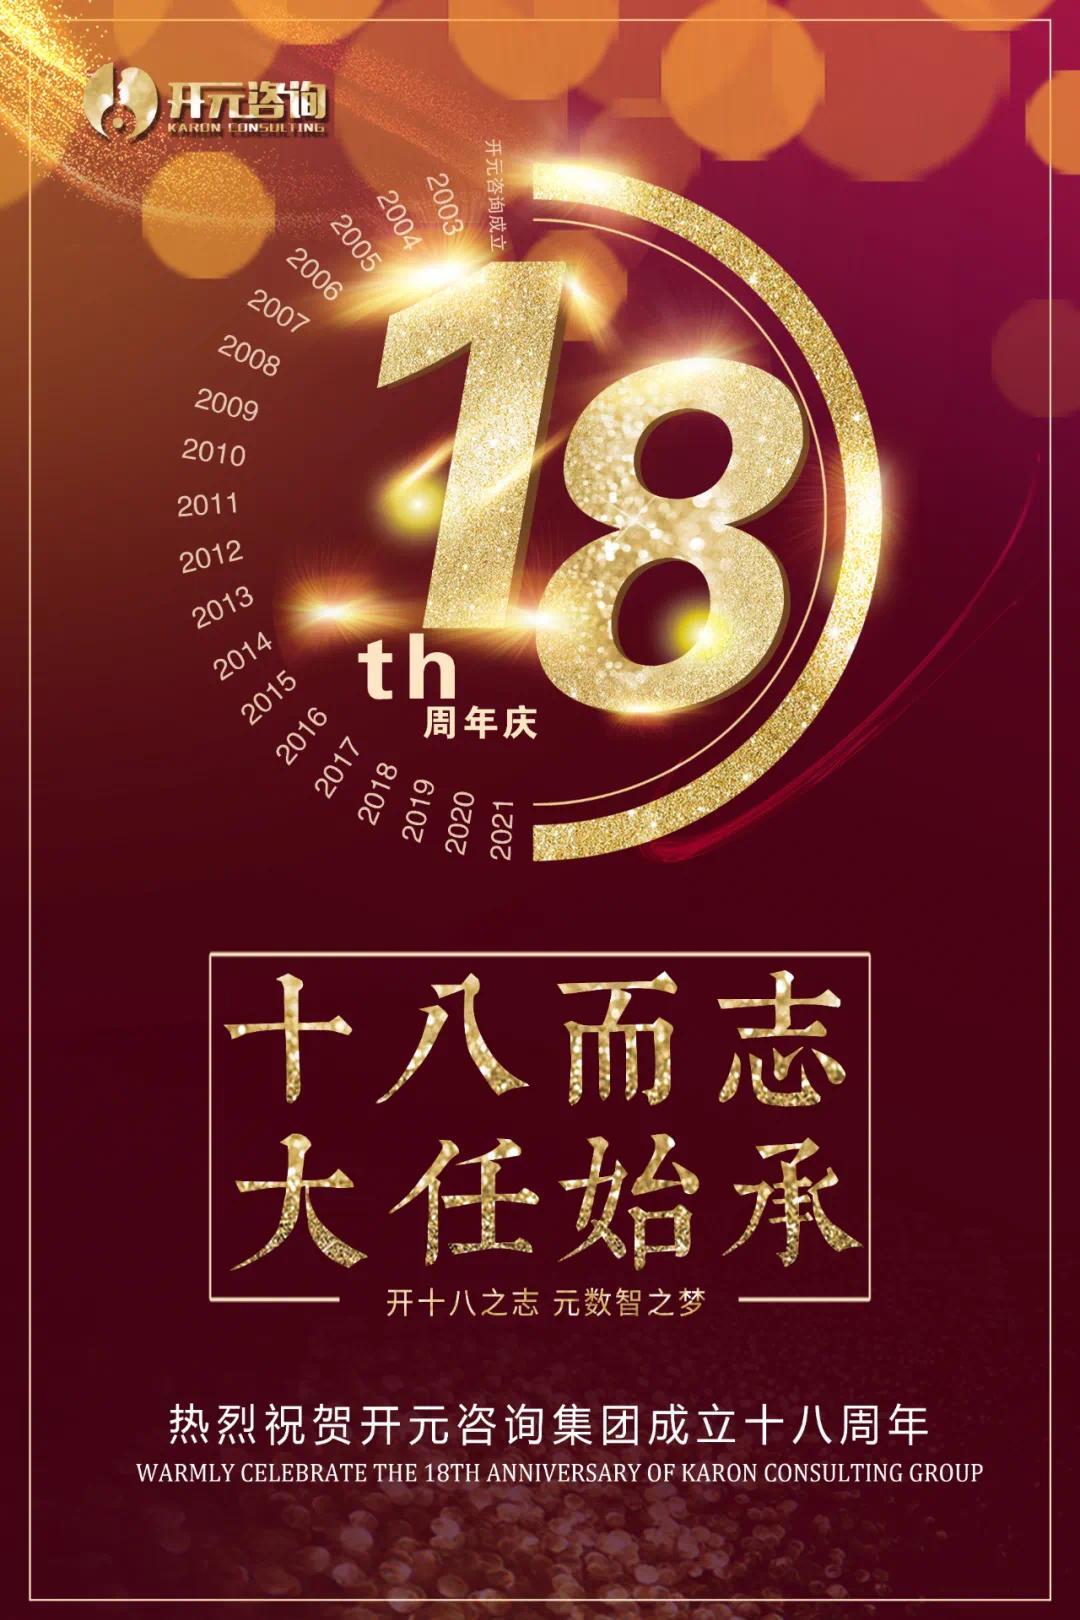 十八而志,大任始承丨祝贺开元咨询集团成立十八周年